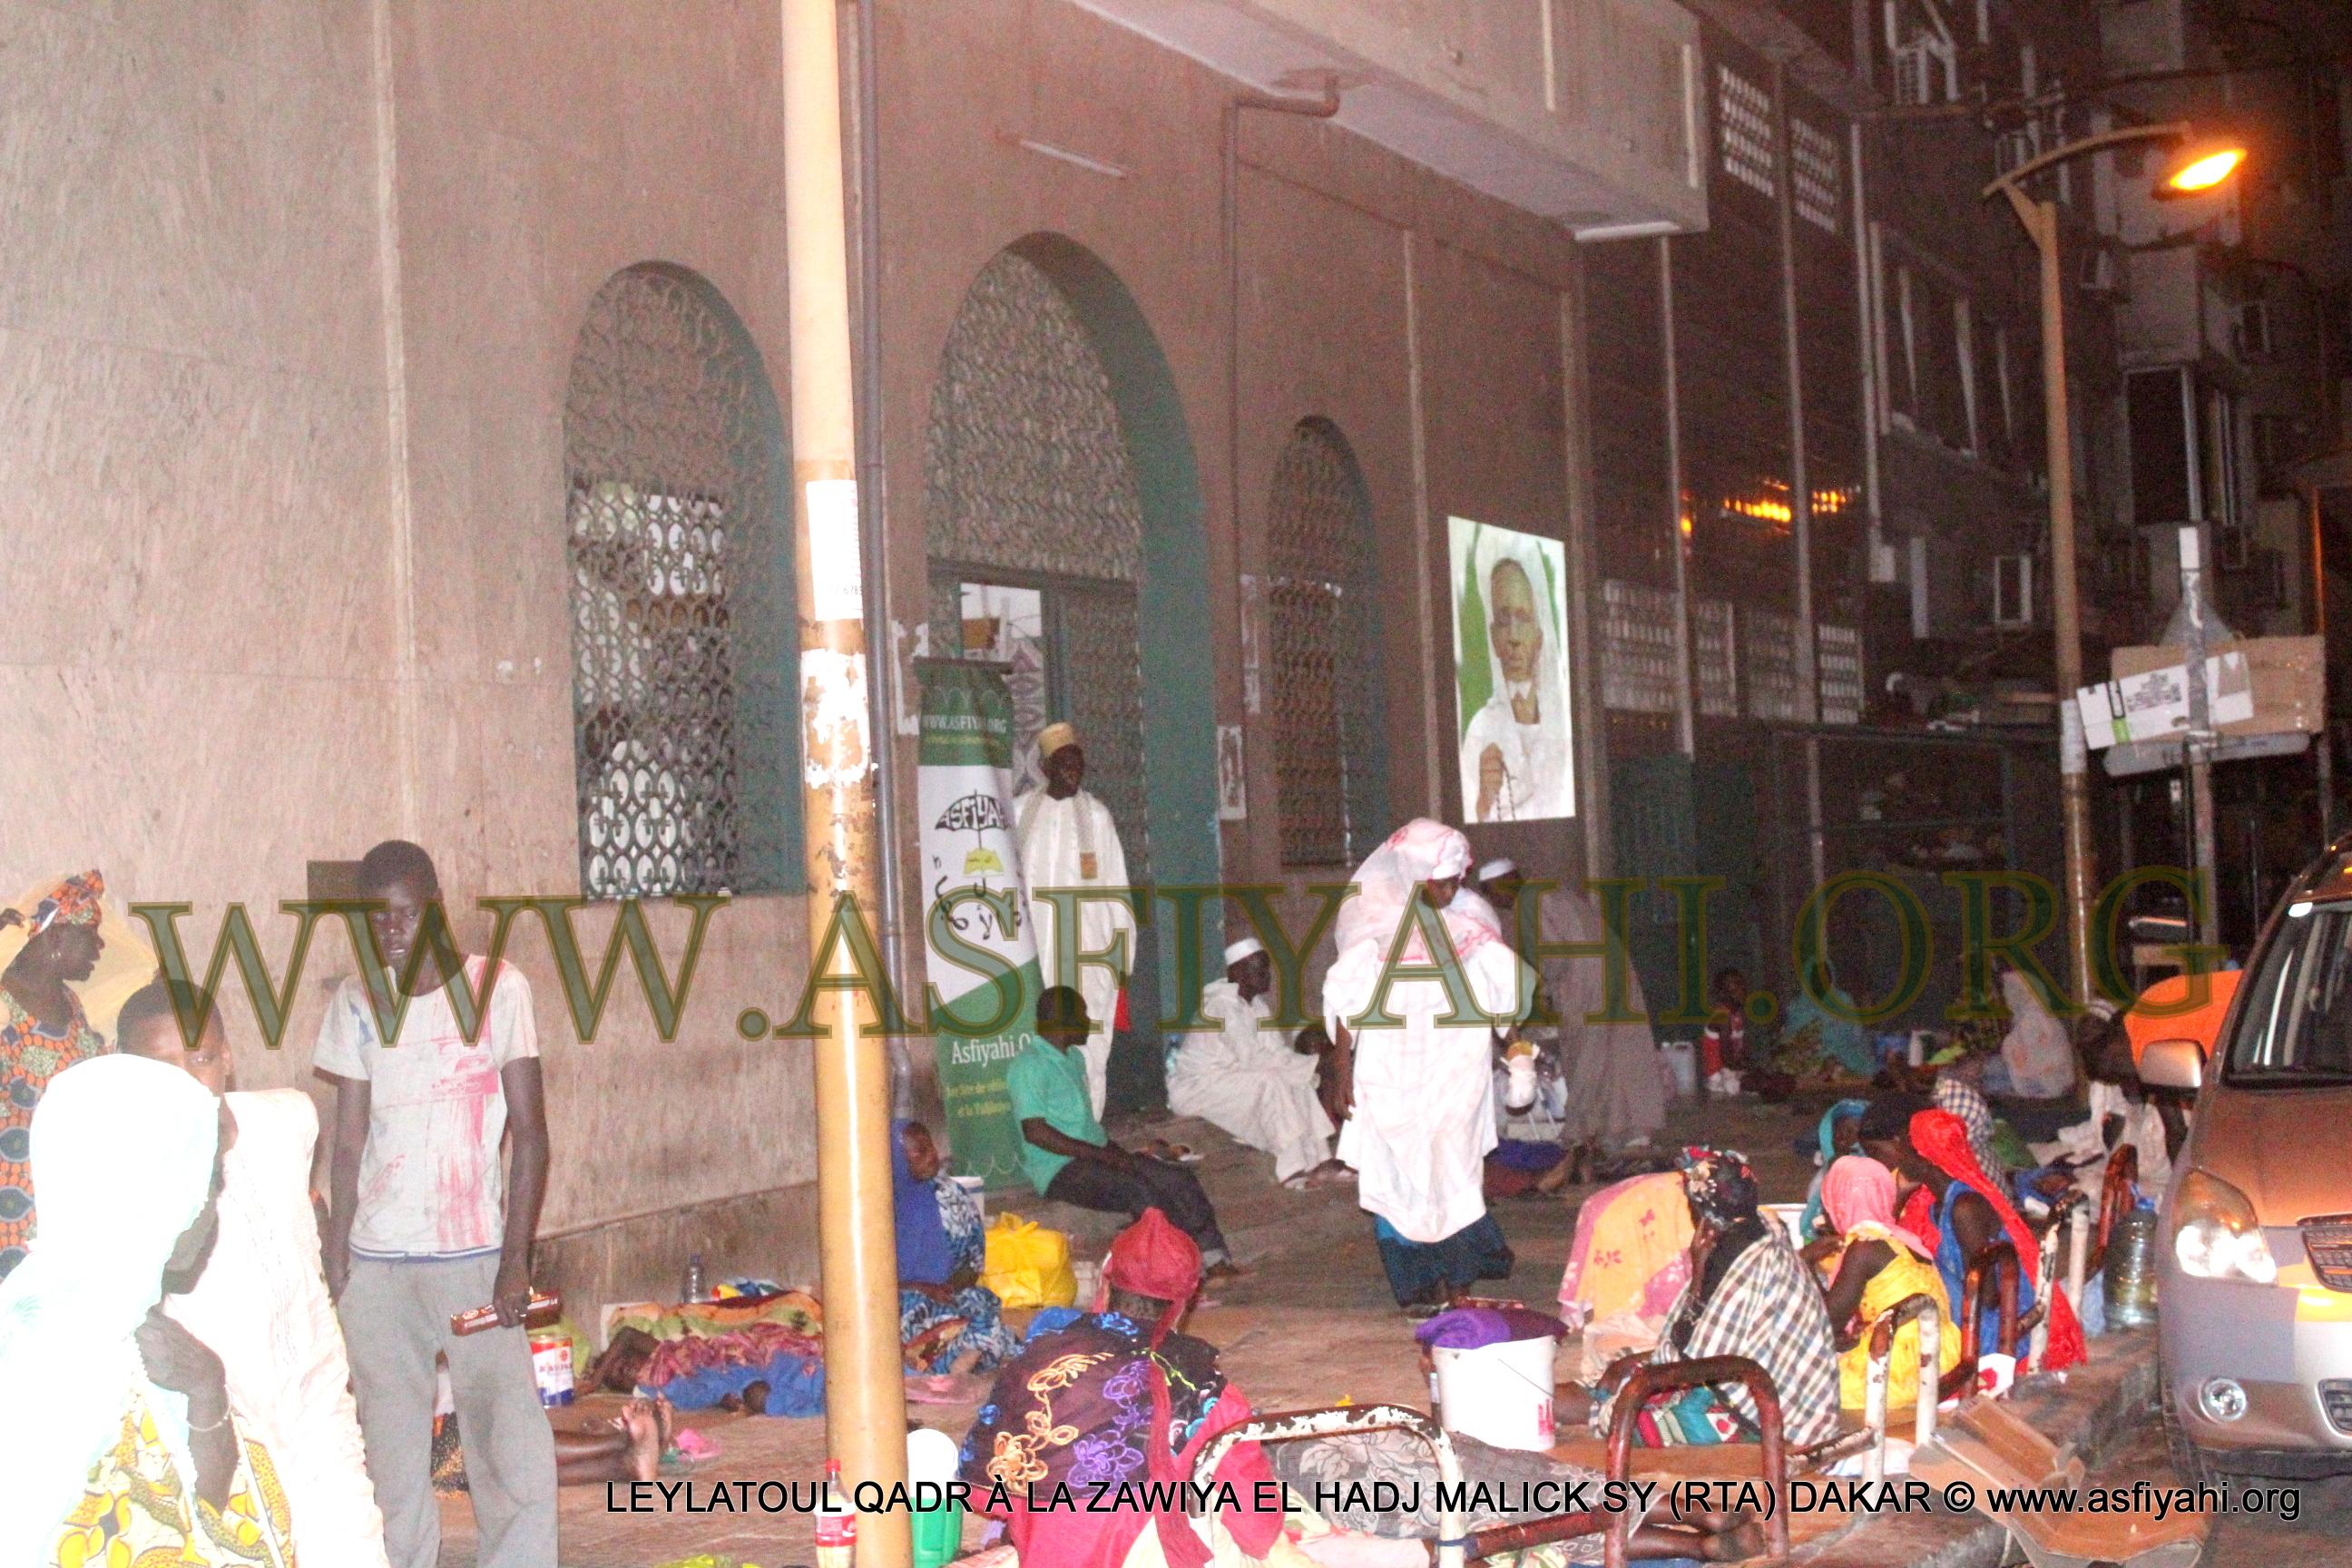 PHOTOS - 2 JUILLET 2016 À DAKAR - Les images de la leylatoul Qadr 2016 à la Zawiya El Hadj Malick Sy de Dakar